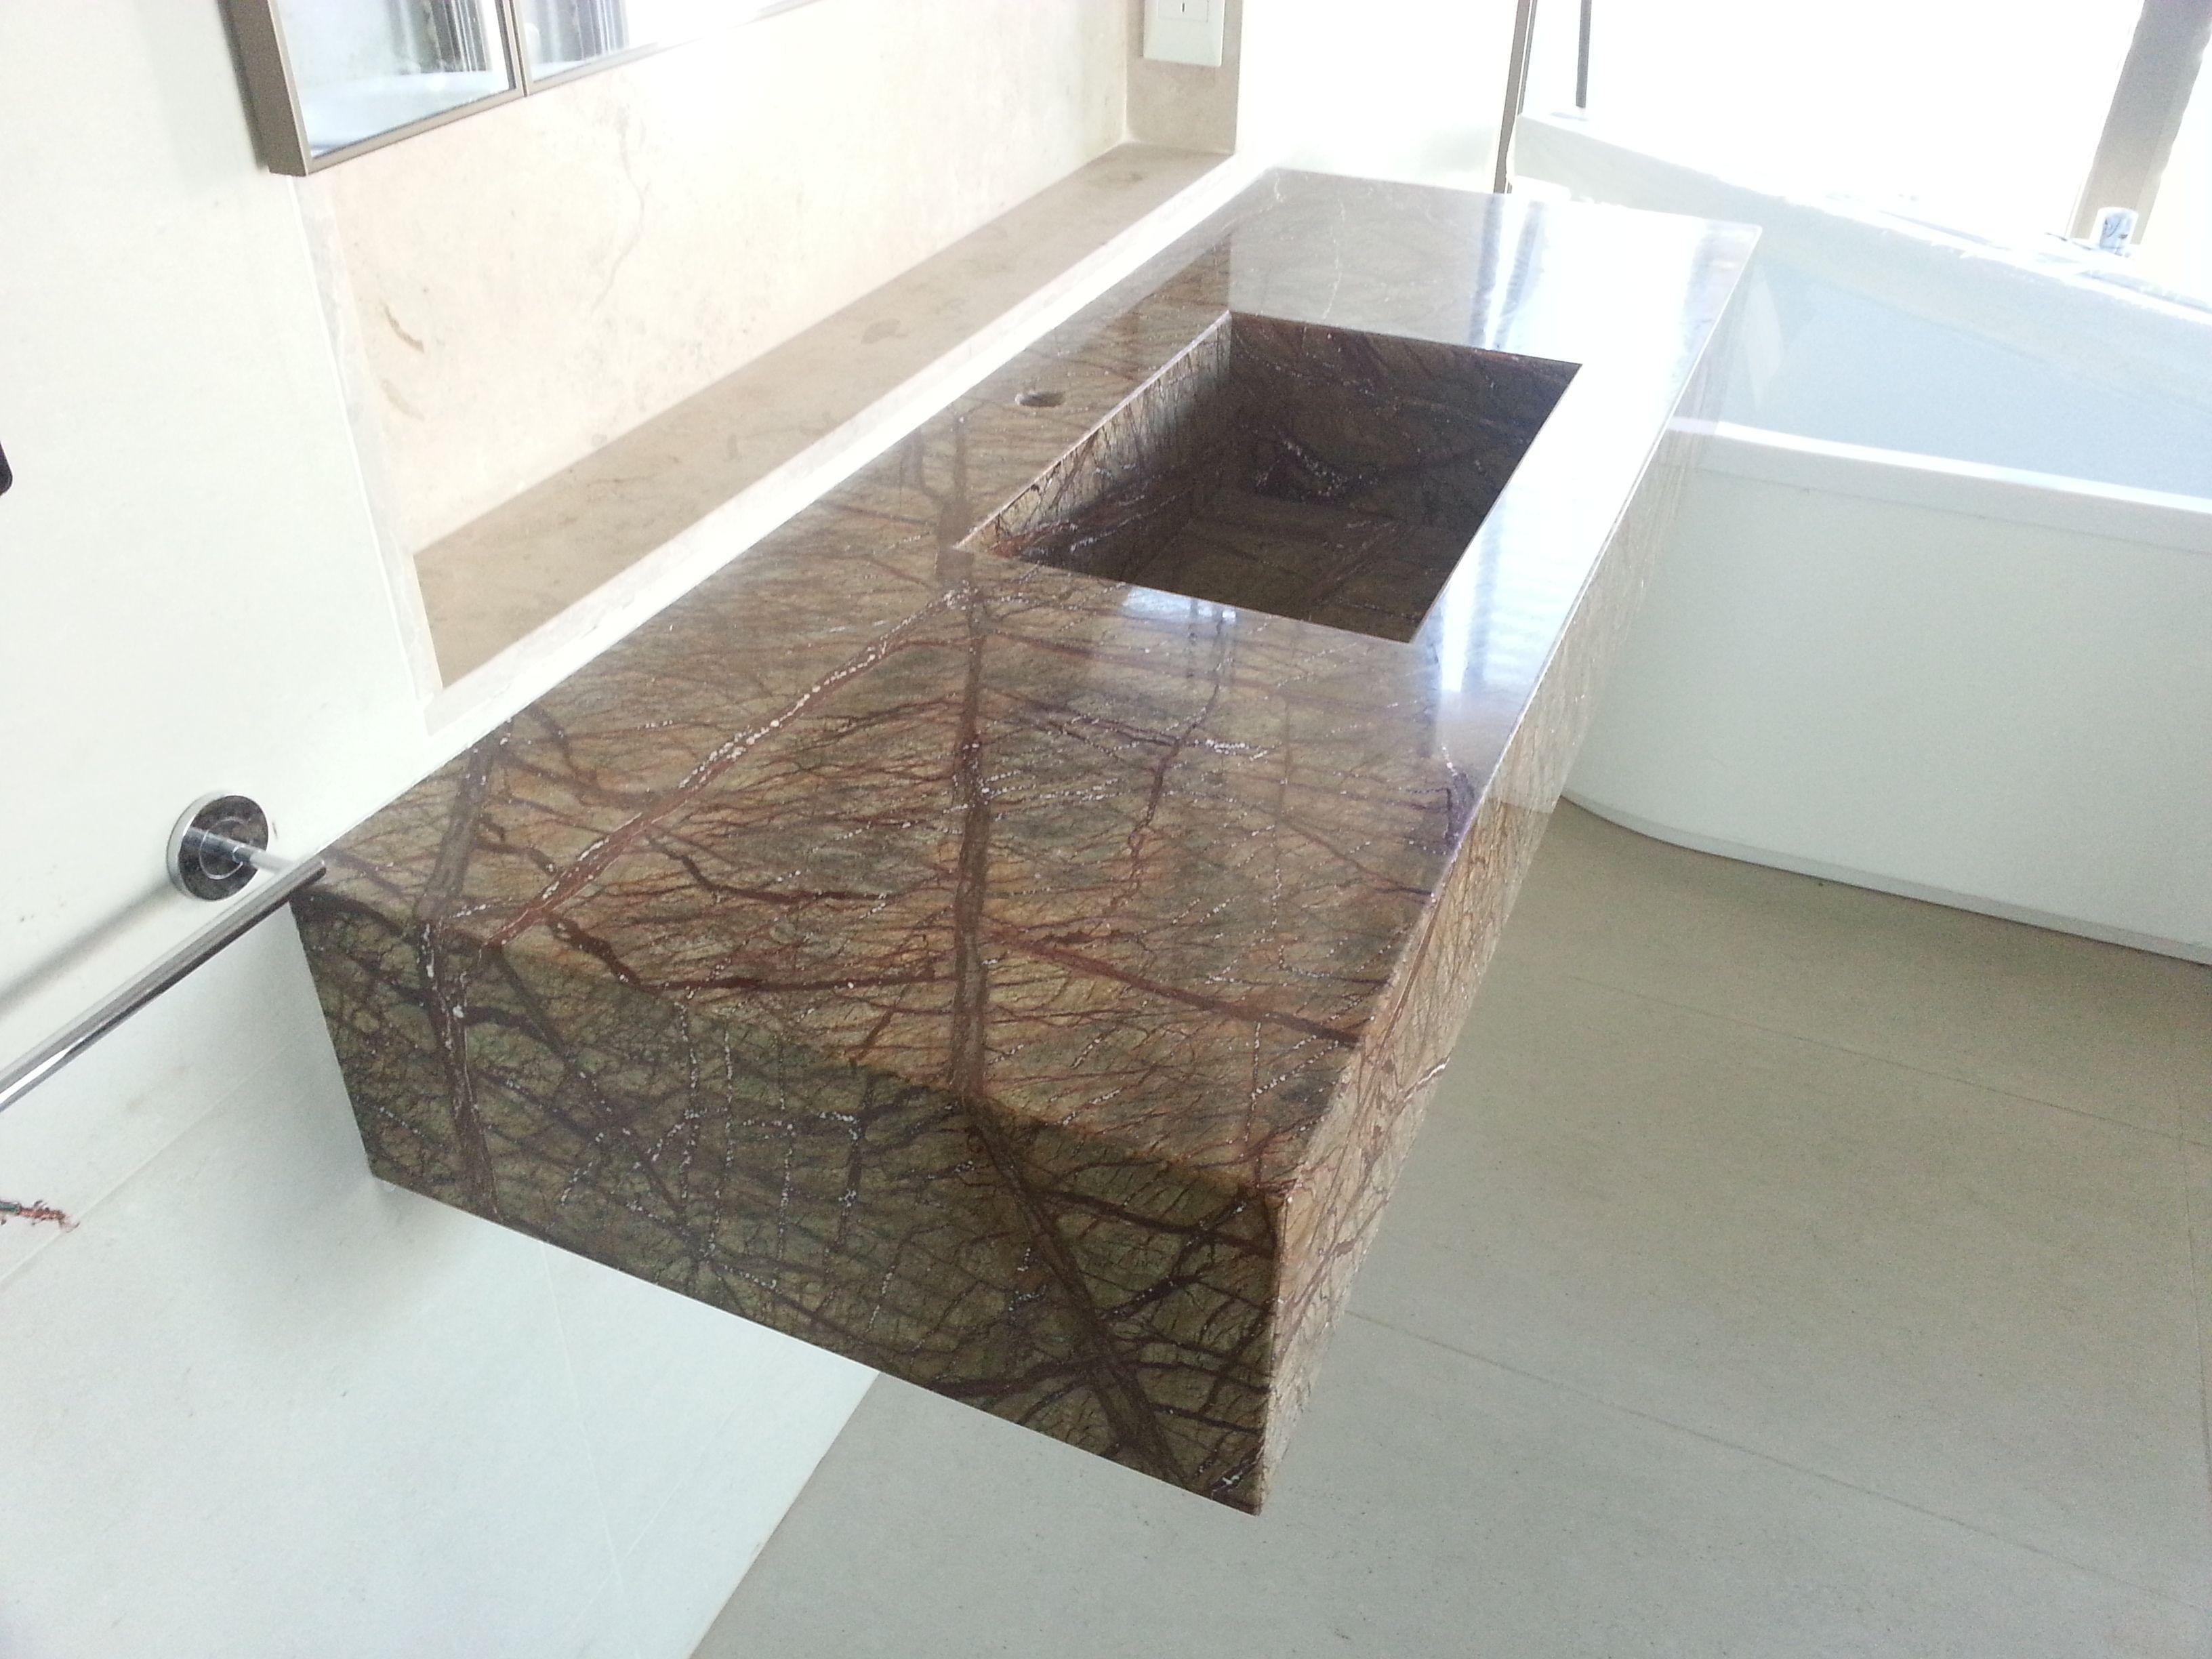 Placas de marmol sintetico buscar con google ba os for Revestimiento sintetico para banos